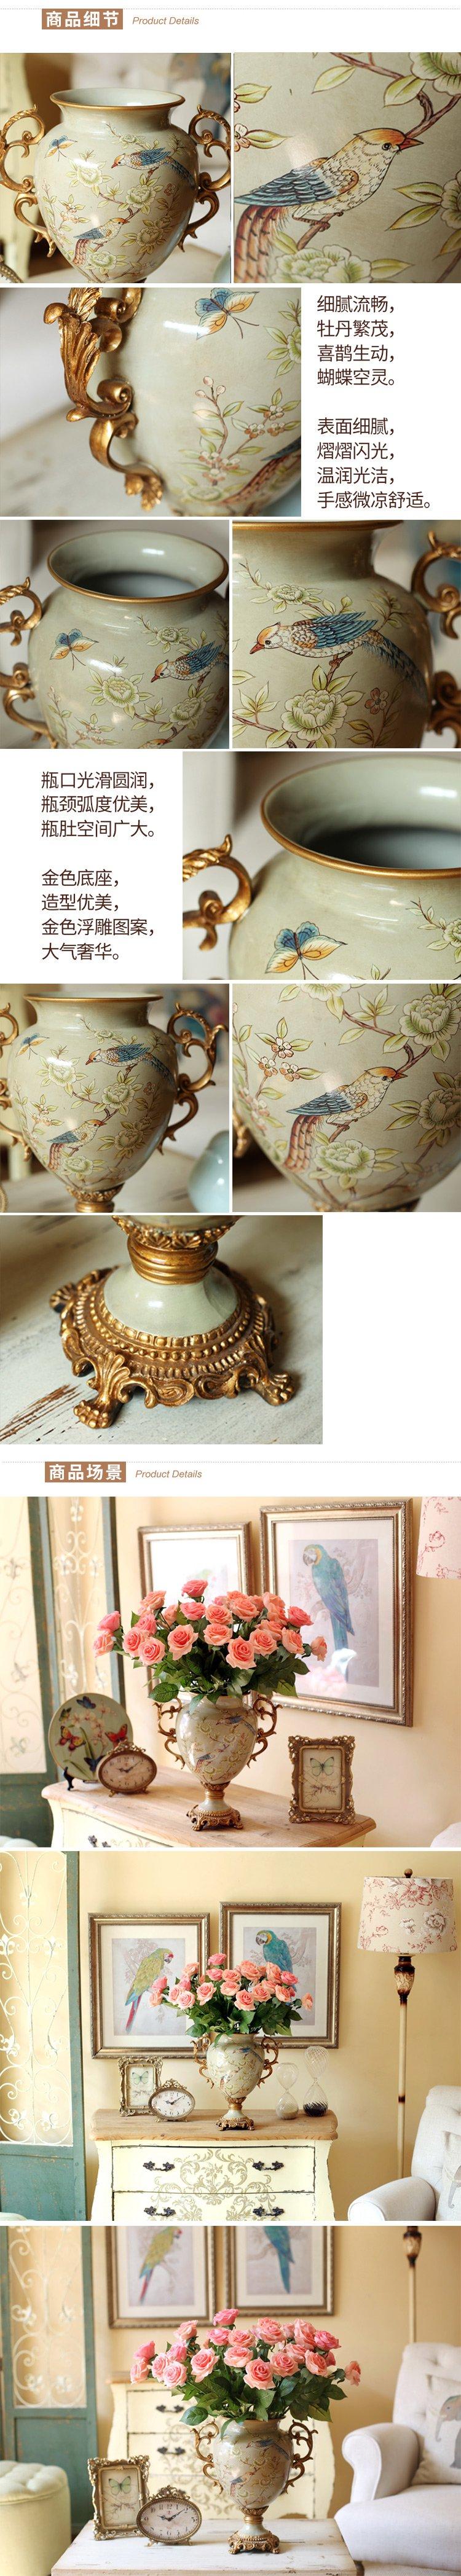 欧式宫廷风卡罗尔花鸟高脚陶瓷大花瓶